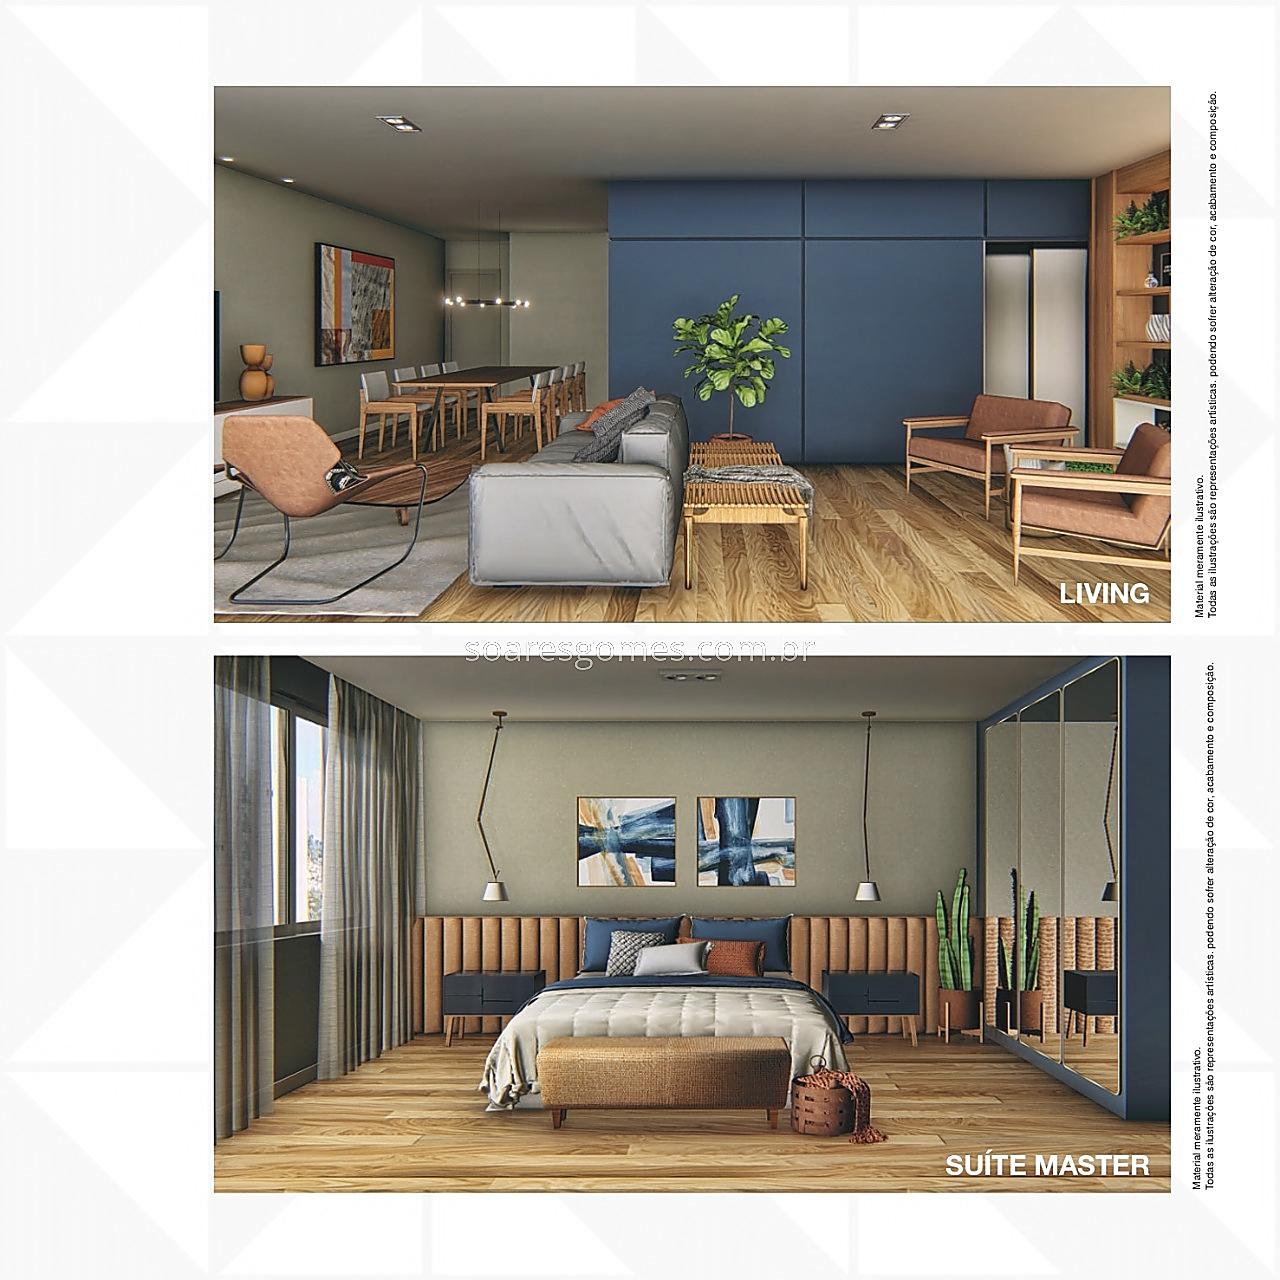 Apartamento à venda em Bom Pastor, Juiz de Fora - MG - Foto 6